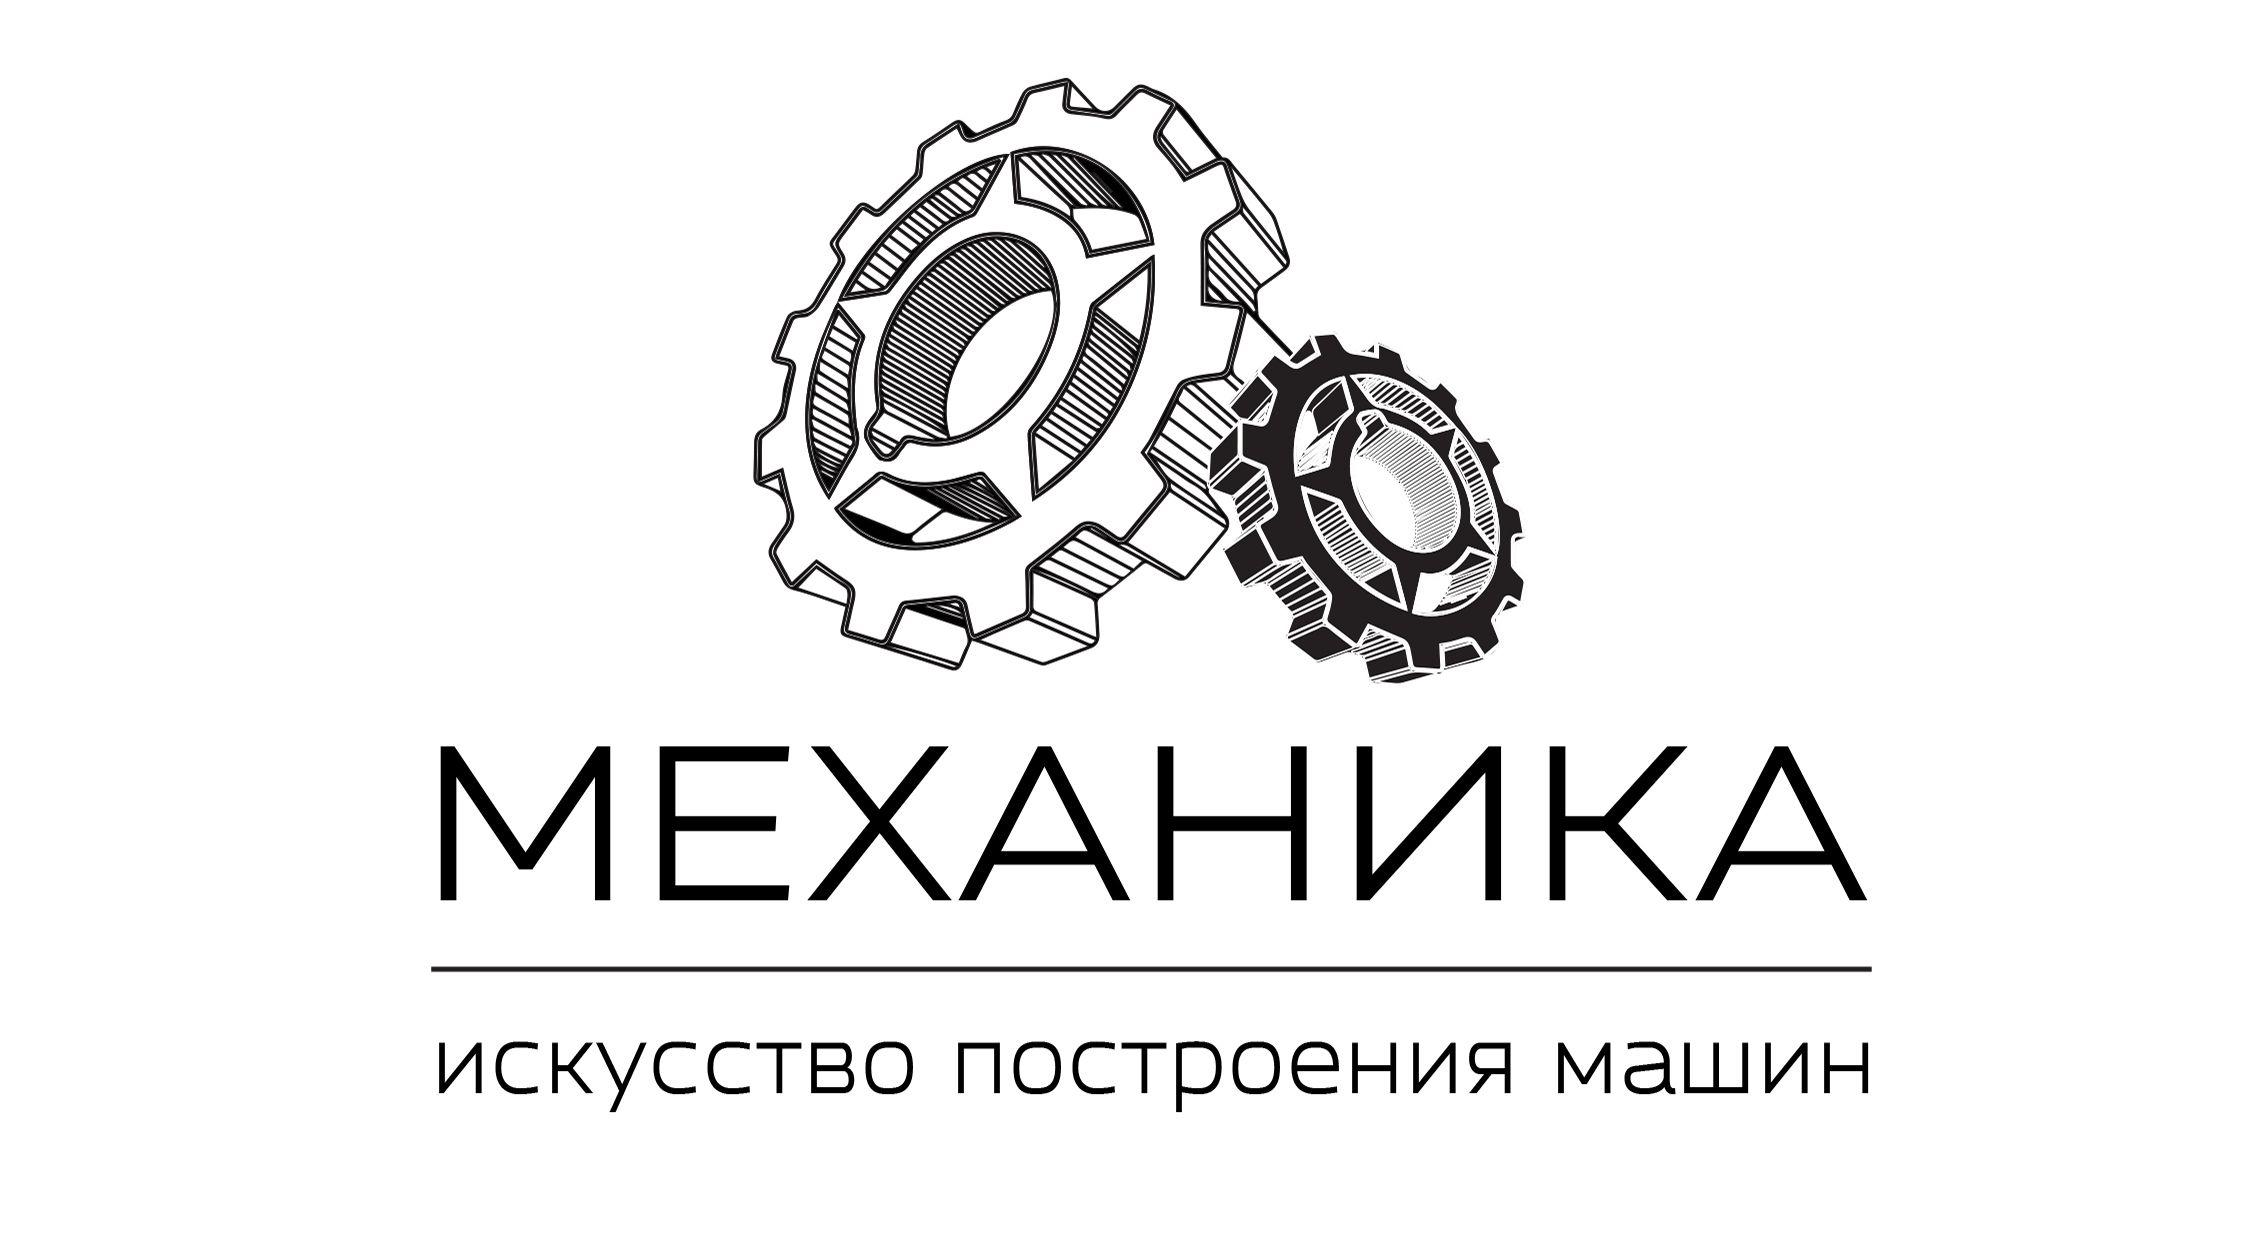 Логотип для магазина автозапчасти 'Механика' - дизайнер sku1d